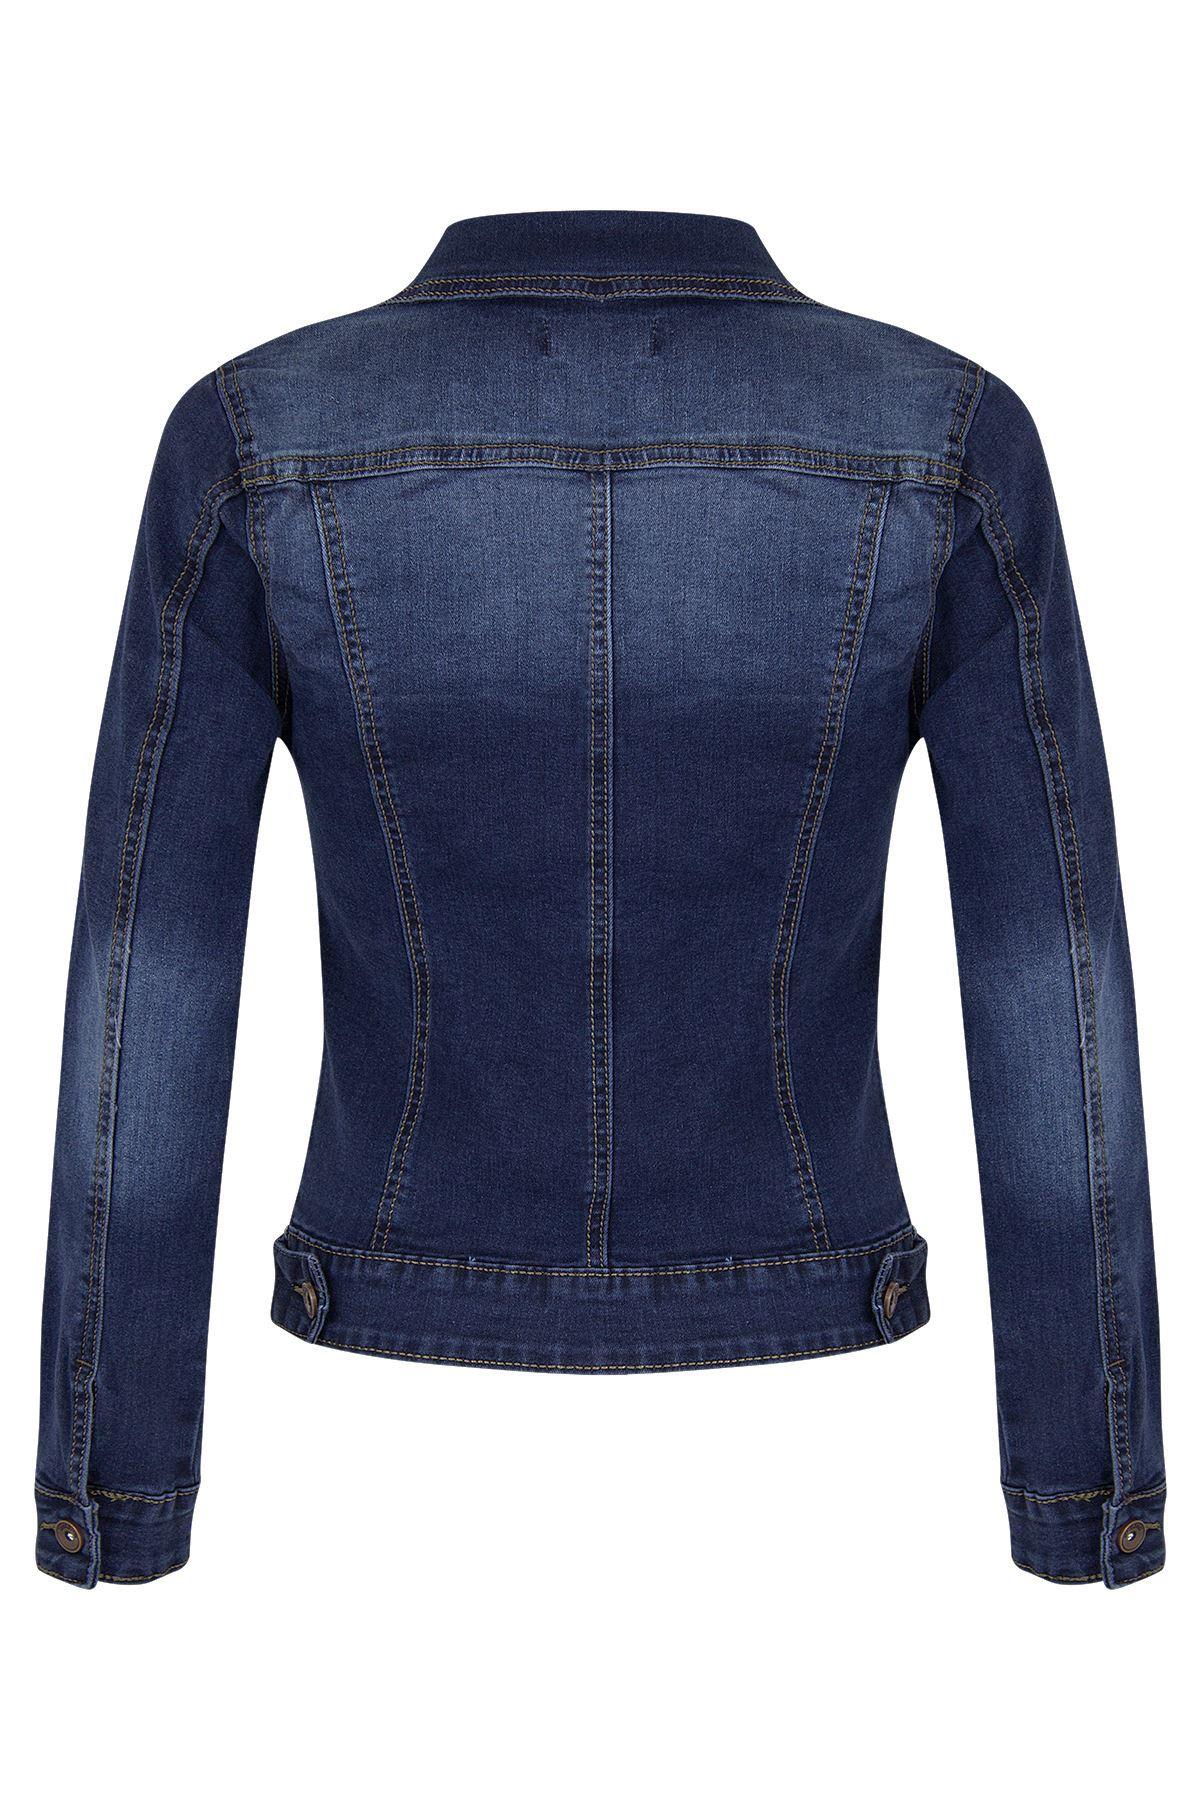 Womens-Ladies-DENIM-JACKET-Long-Sleeve-UK-8-10-12-14-16